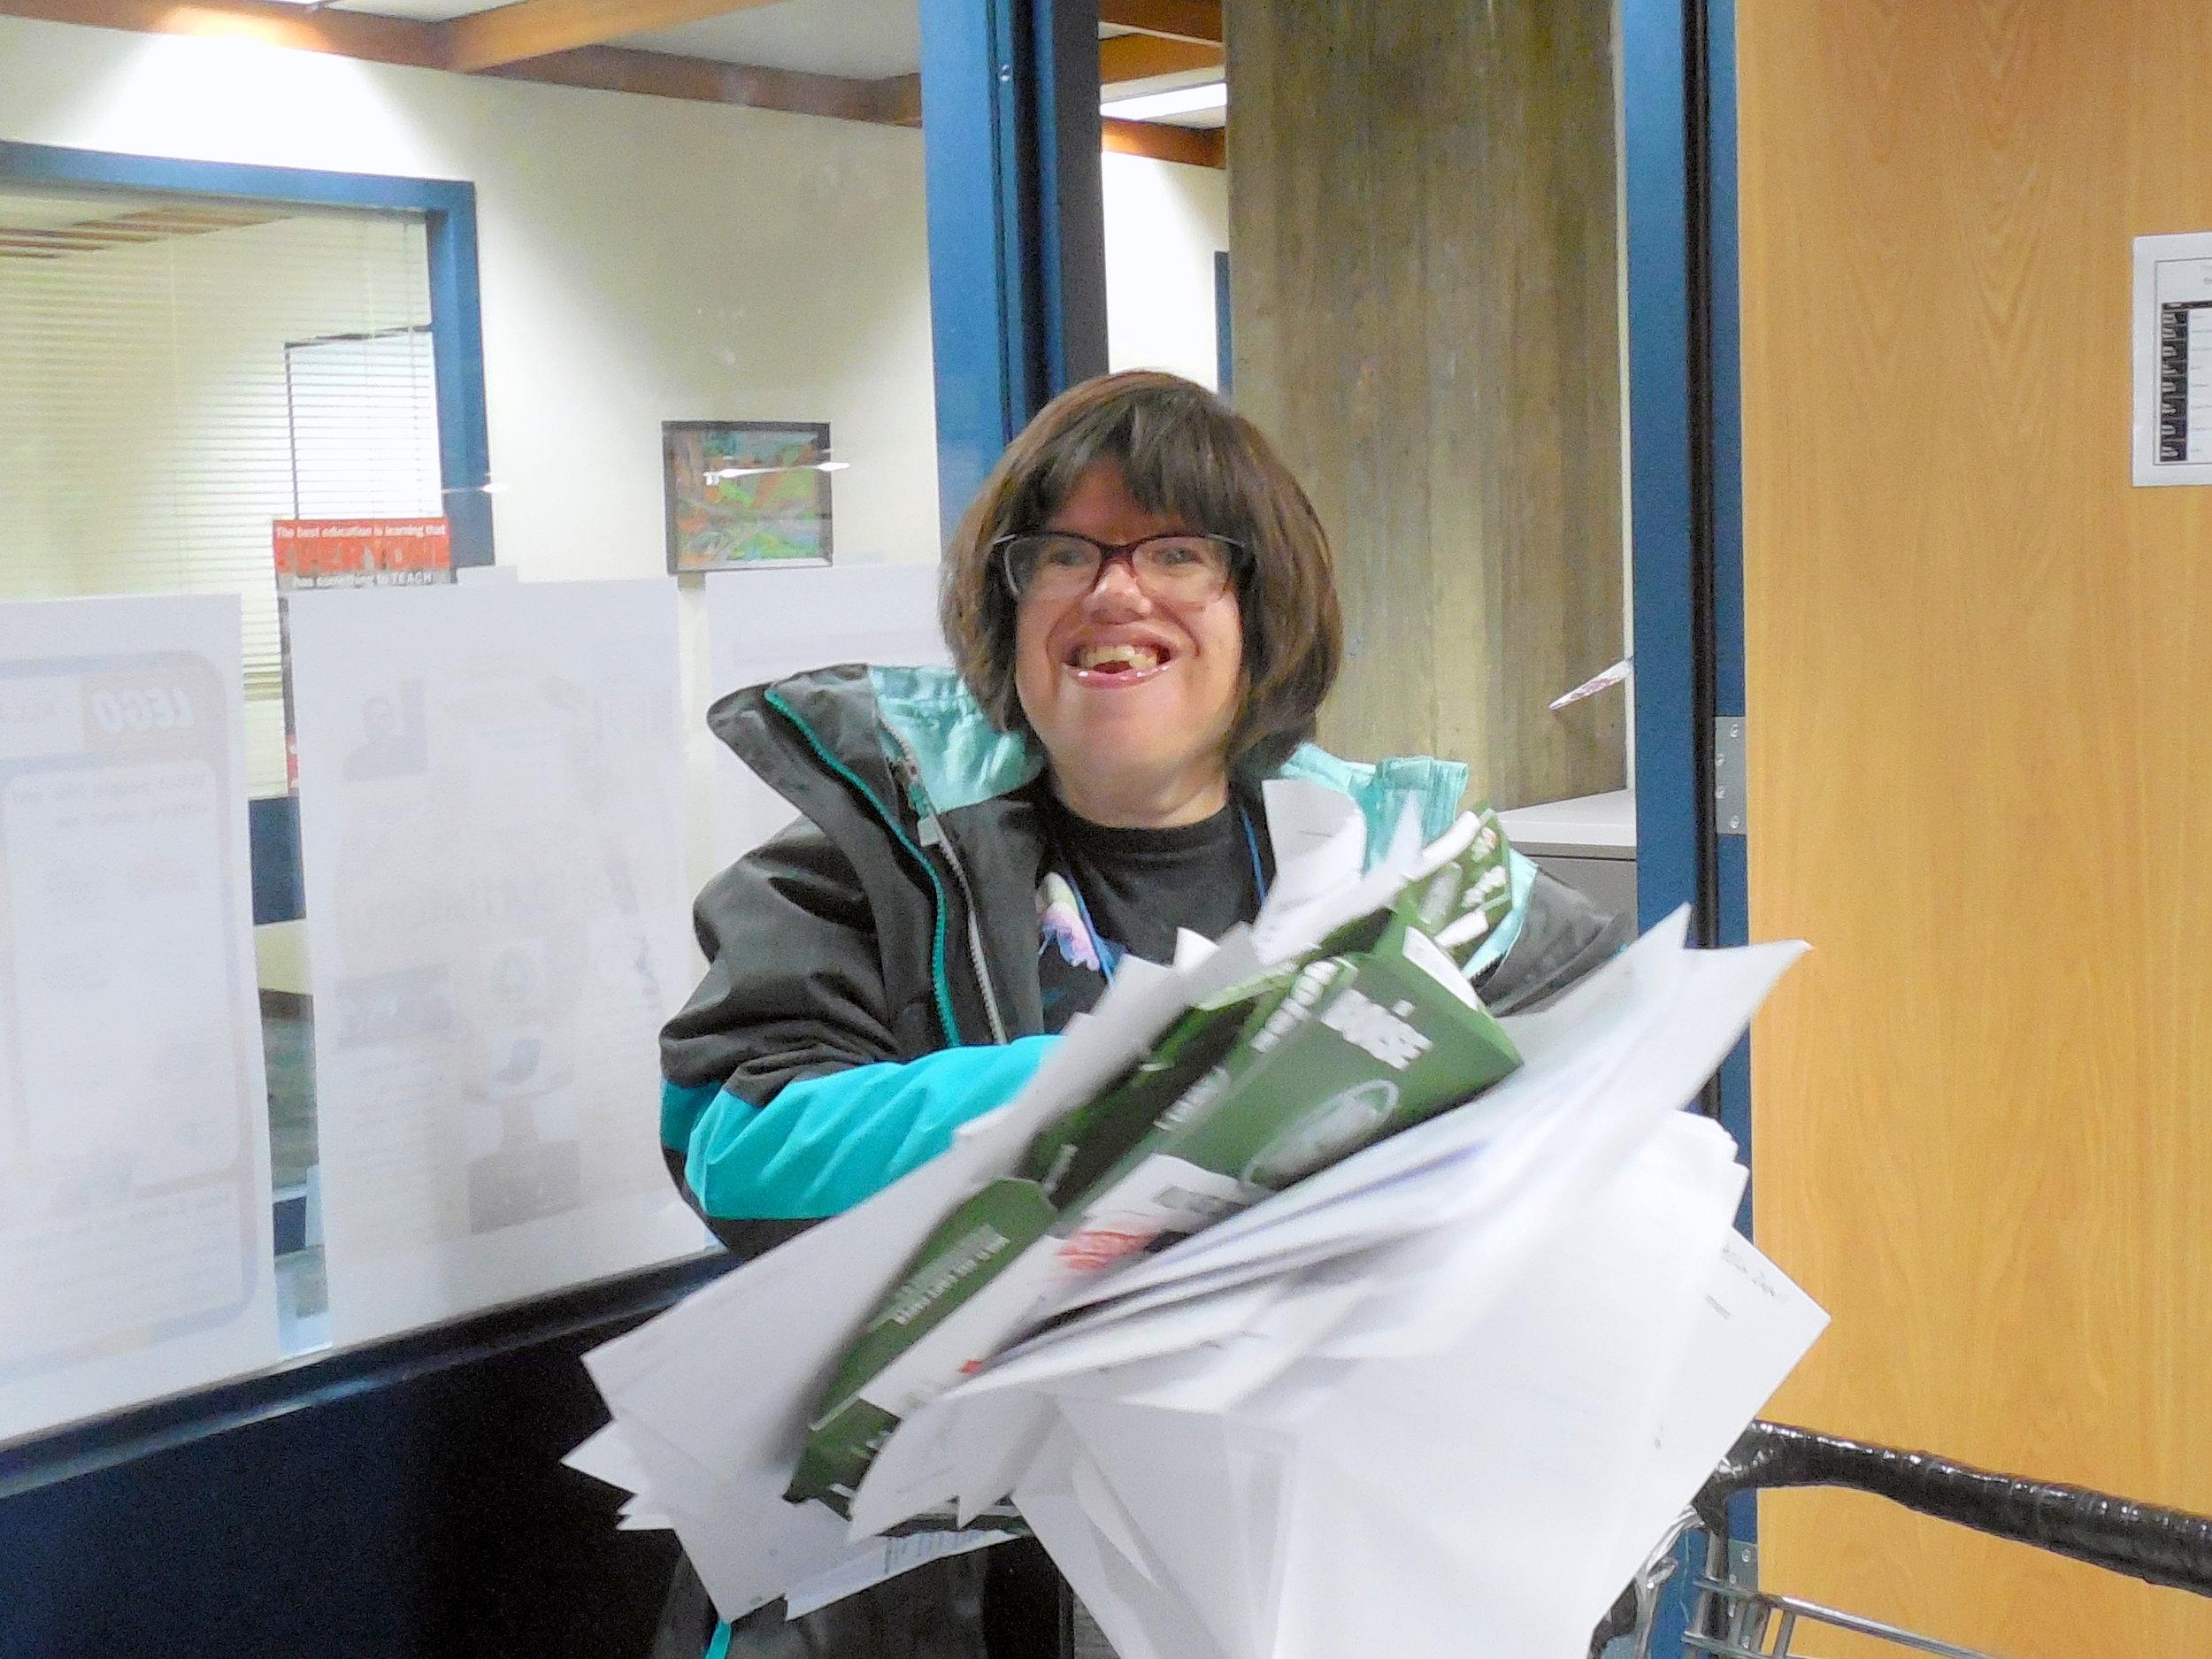 12 Courthouse-Kristi picking up shredding.jpg